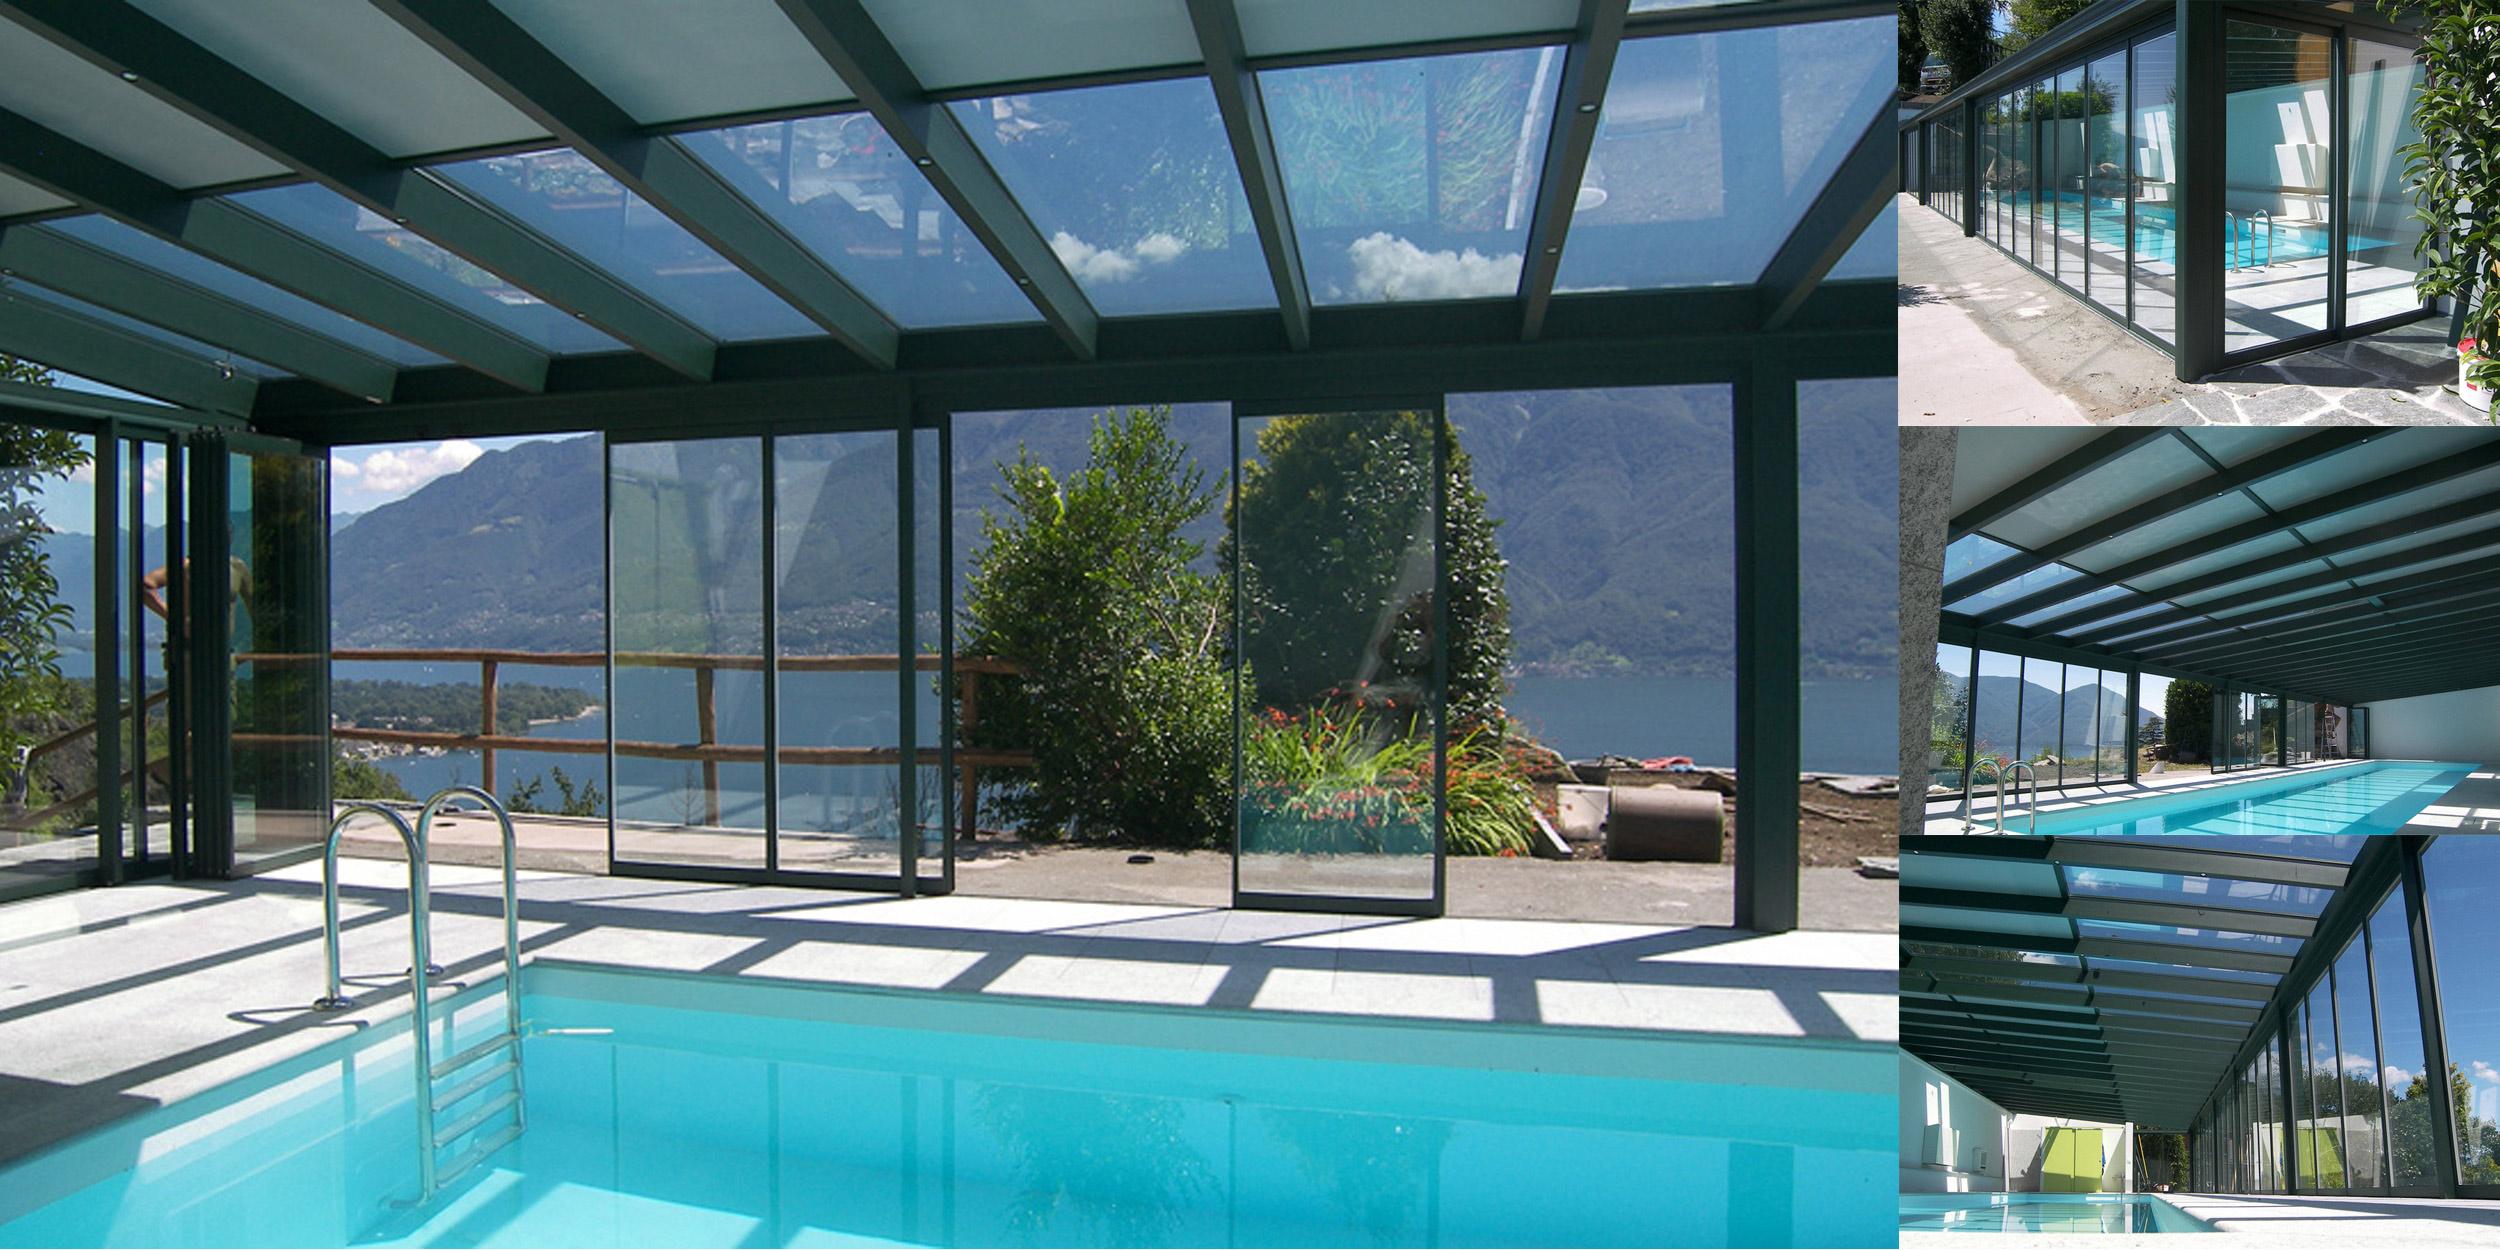 Verande in vetro   solide strutture in alluminio con tetto in vetro